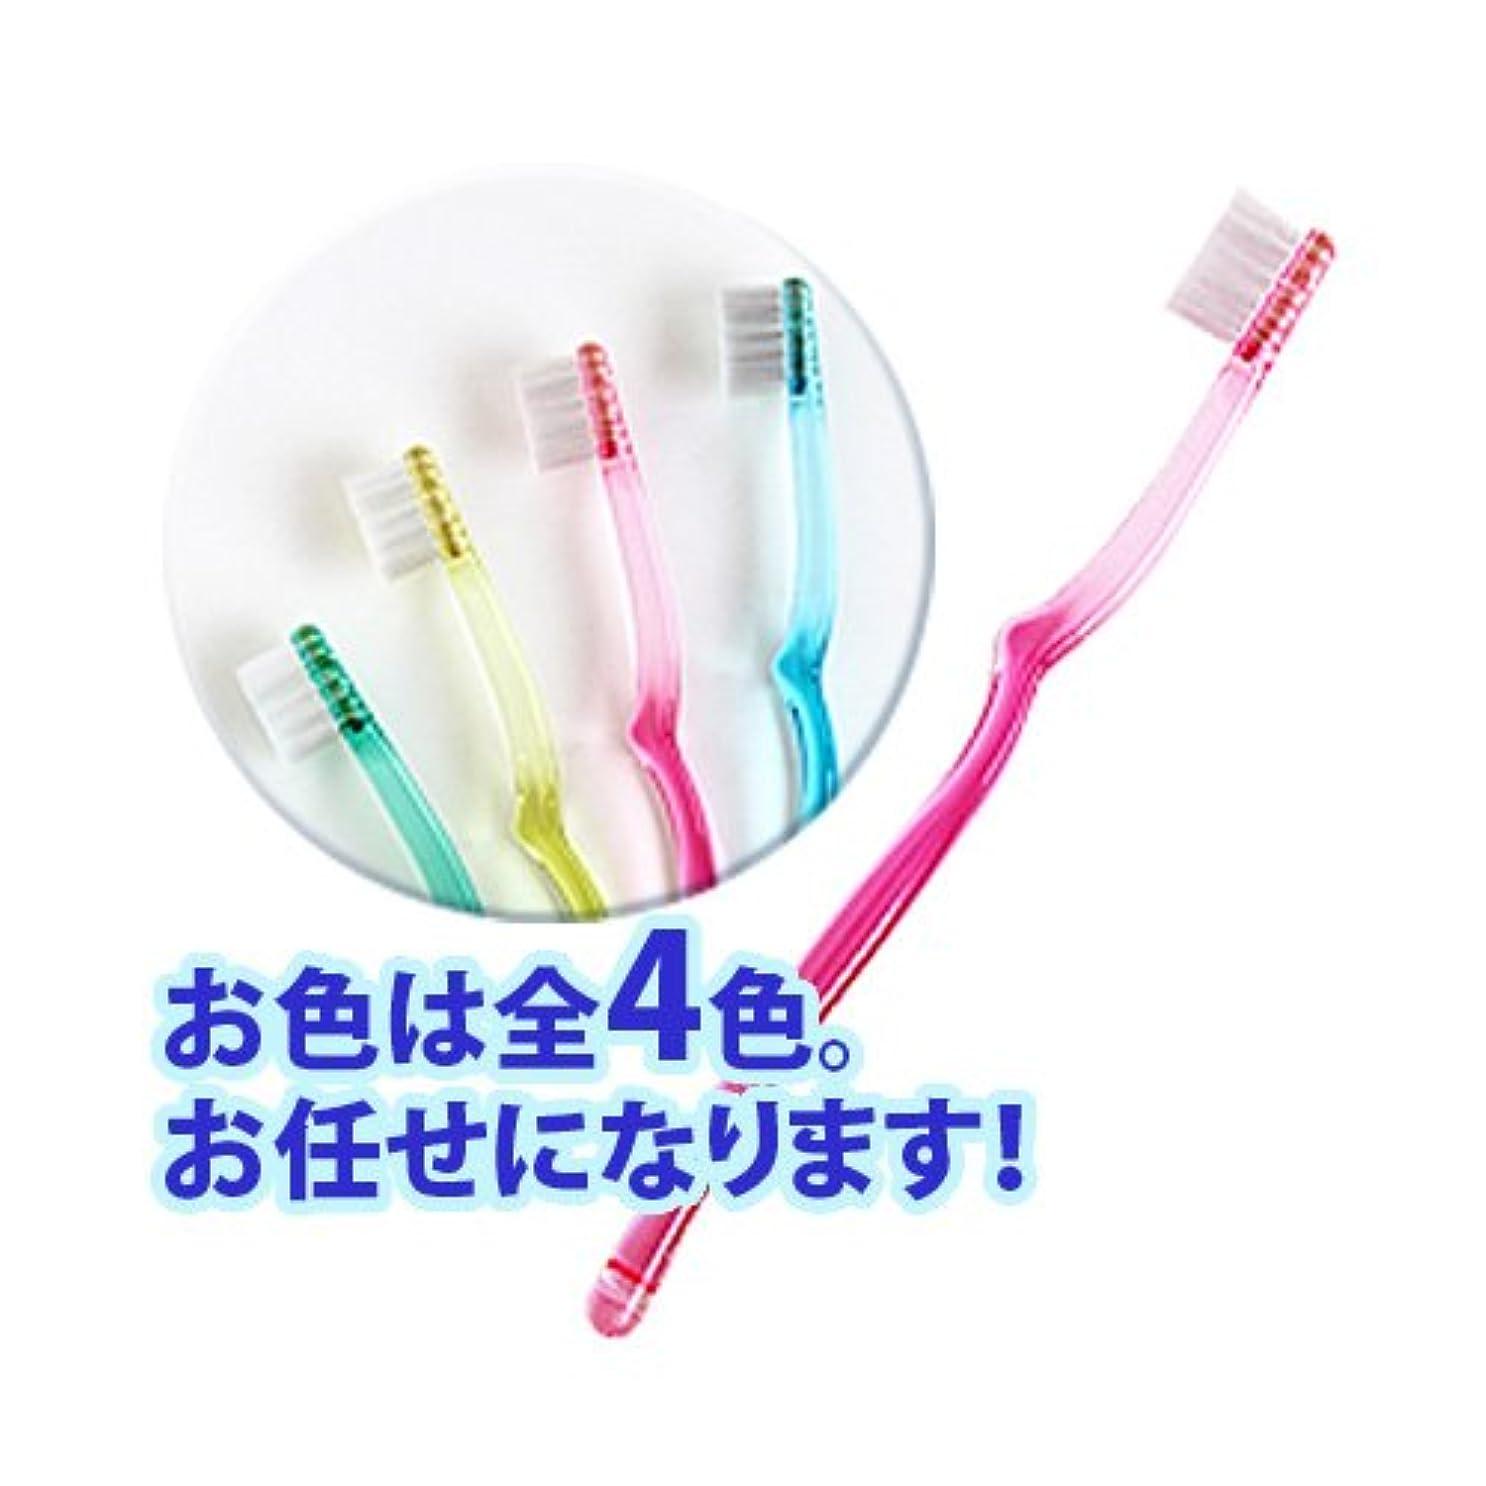 気楽な白いやけどプレツヤ パーフェクト (歯ブラシ) 《 1本入 》